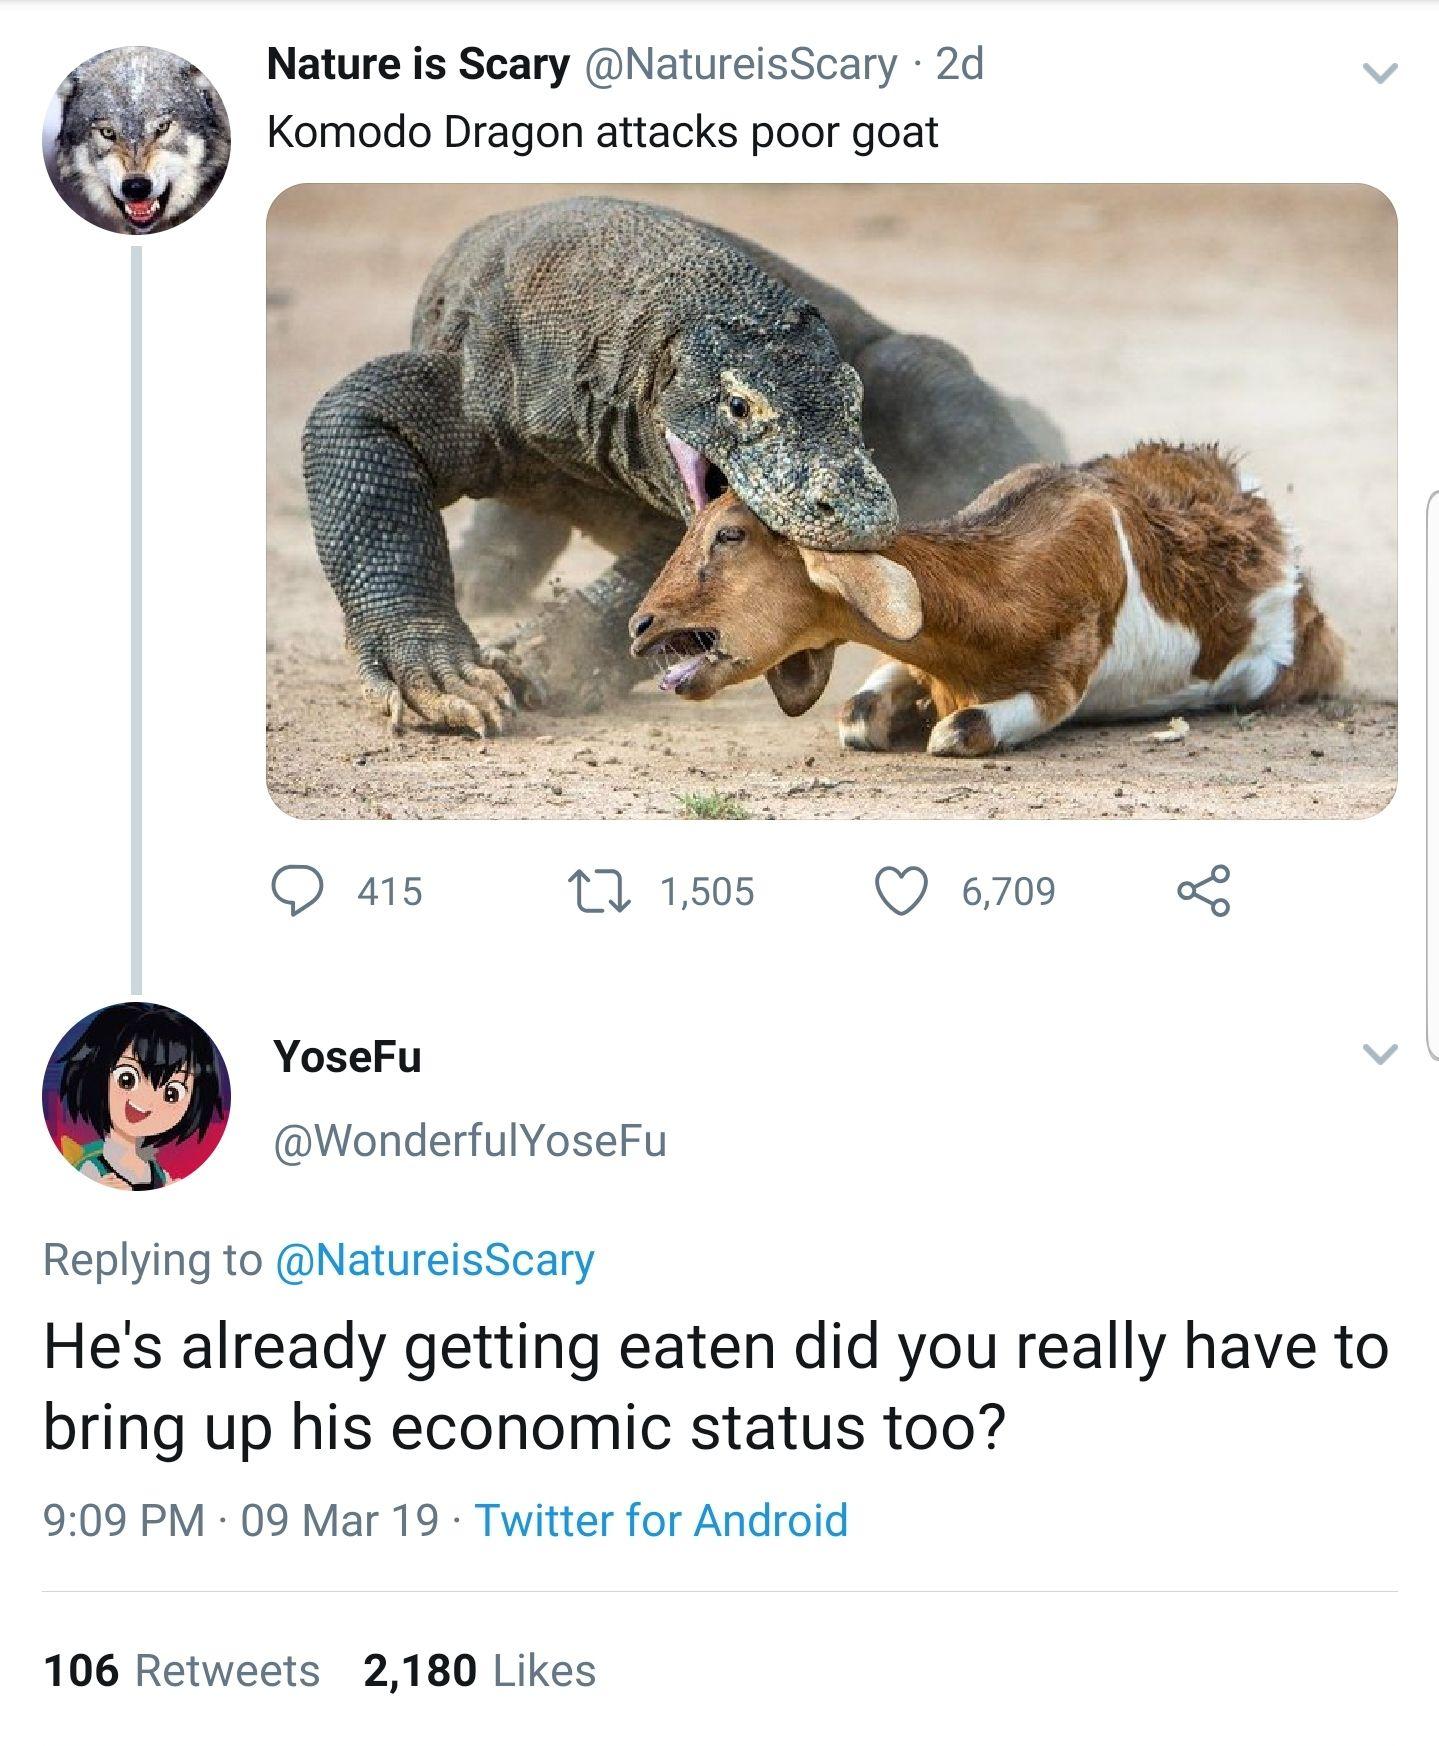 Dragon eats poor goat